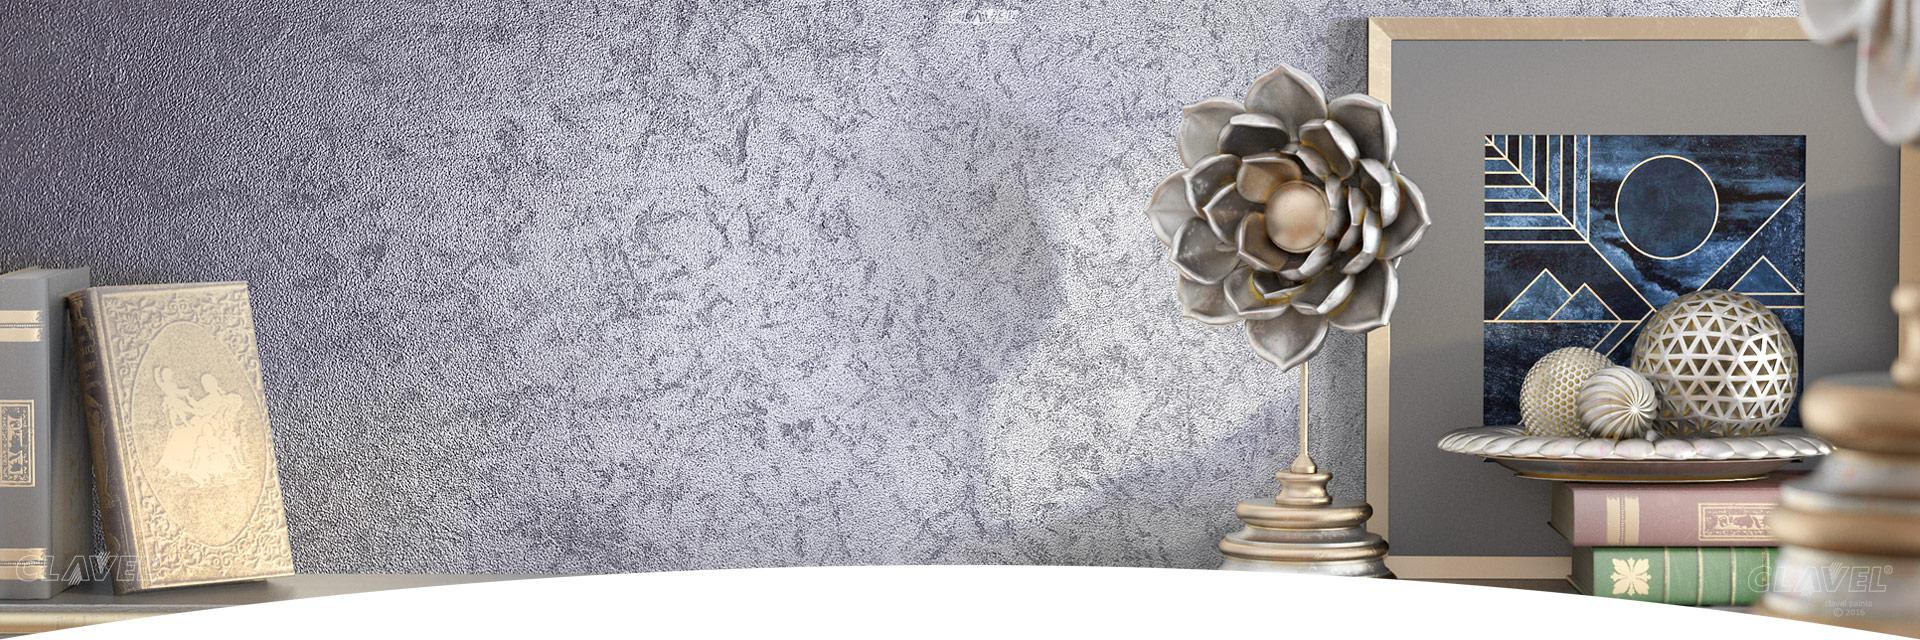 Декоративные краски с эффектом серебра - каталог эффектов